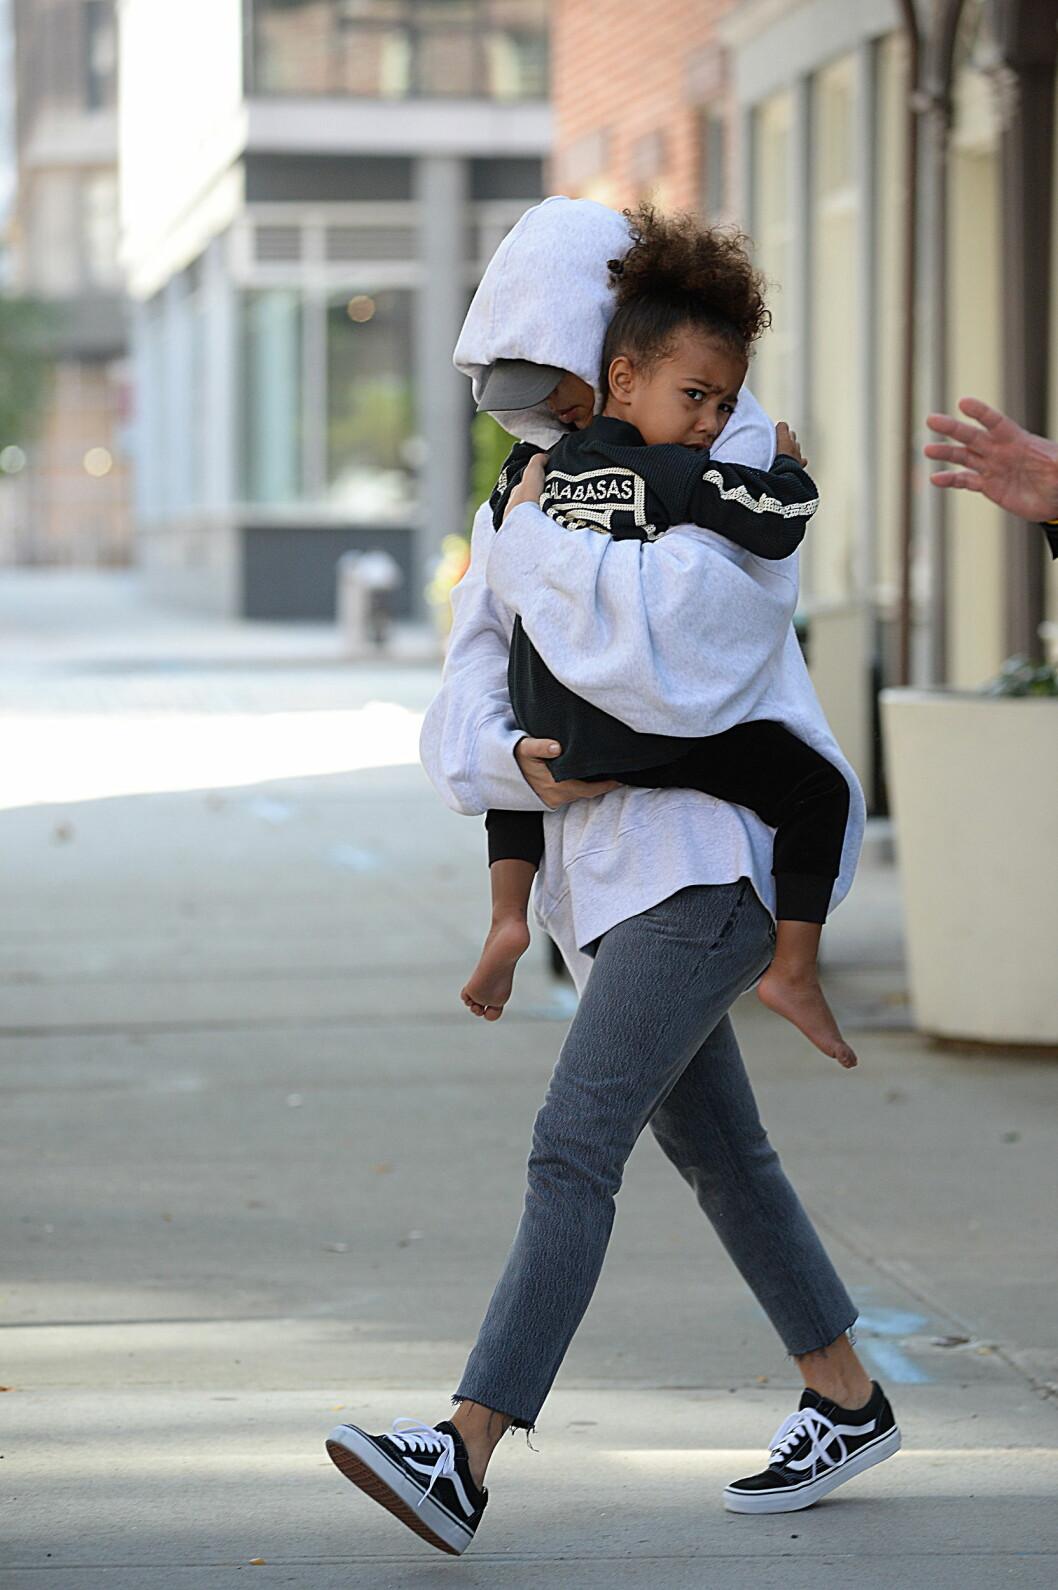 DEKKET SEG TIL: Kim Kardashian har ikke uttalt seg om det dramatiske Paris-ranet. Her er hun sammen med dattera på vei ut fra en leilighet i New York få dager etter. Foto: Zuma Press Foto: Zuma Press